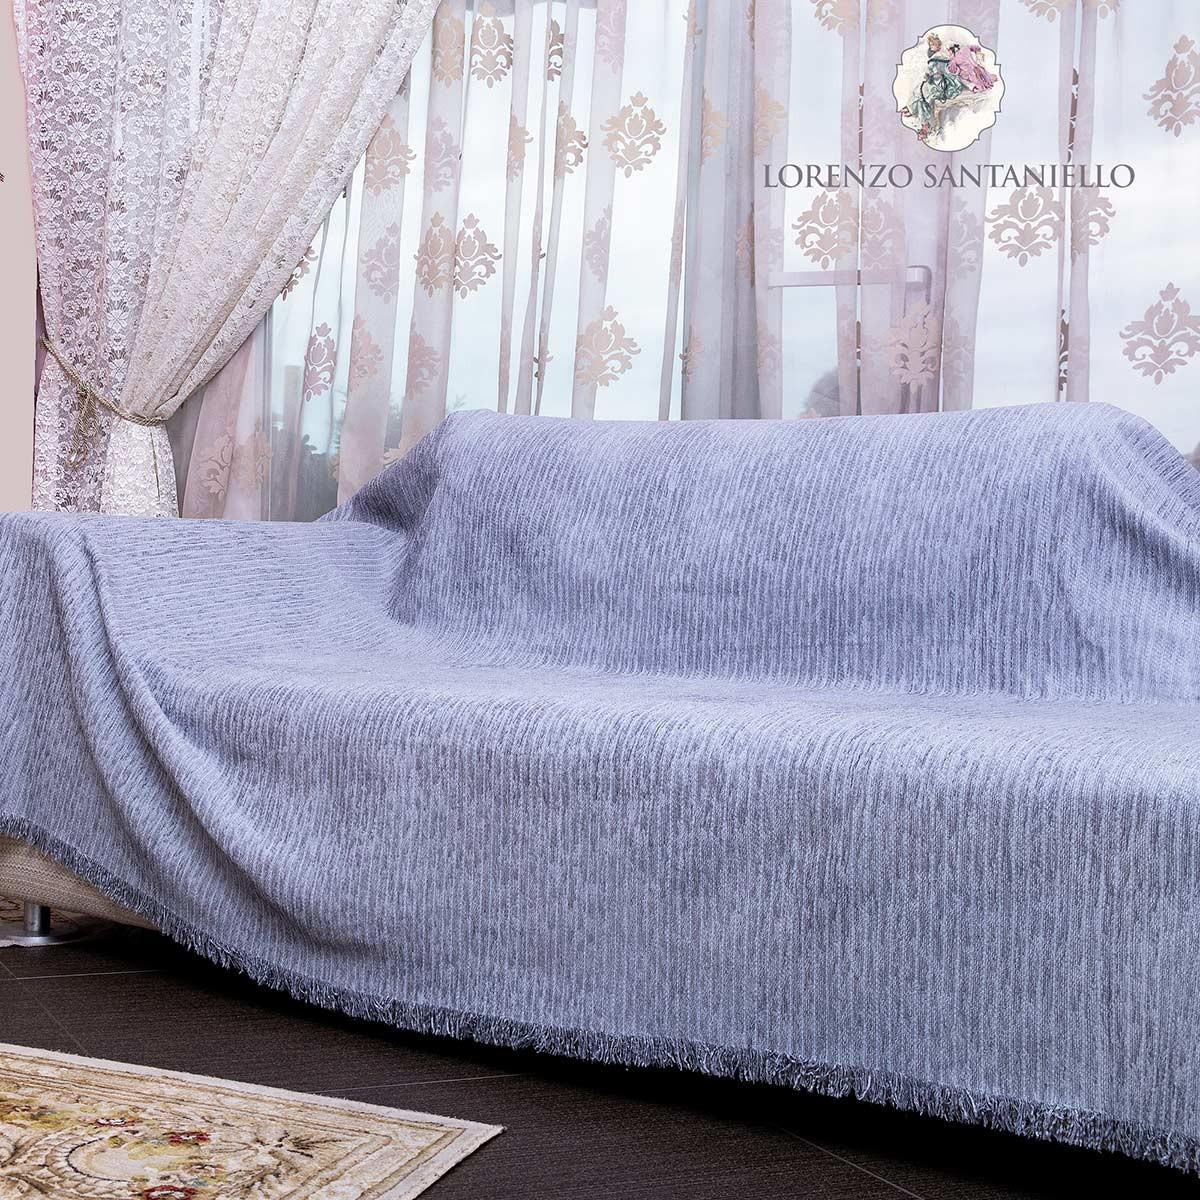 Ριχτάρι Διθέσιου (180x250) Lorenzo Santaniello Kotle Grey